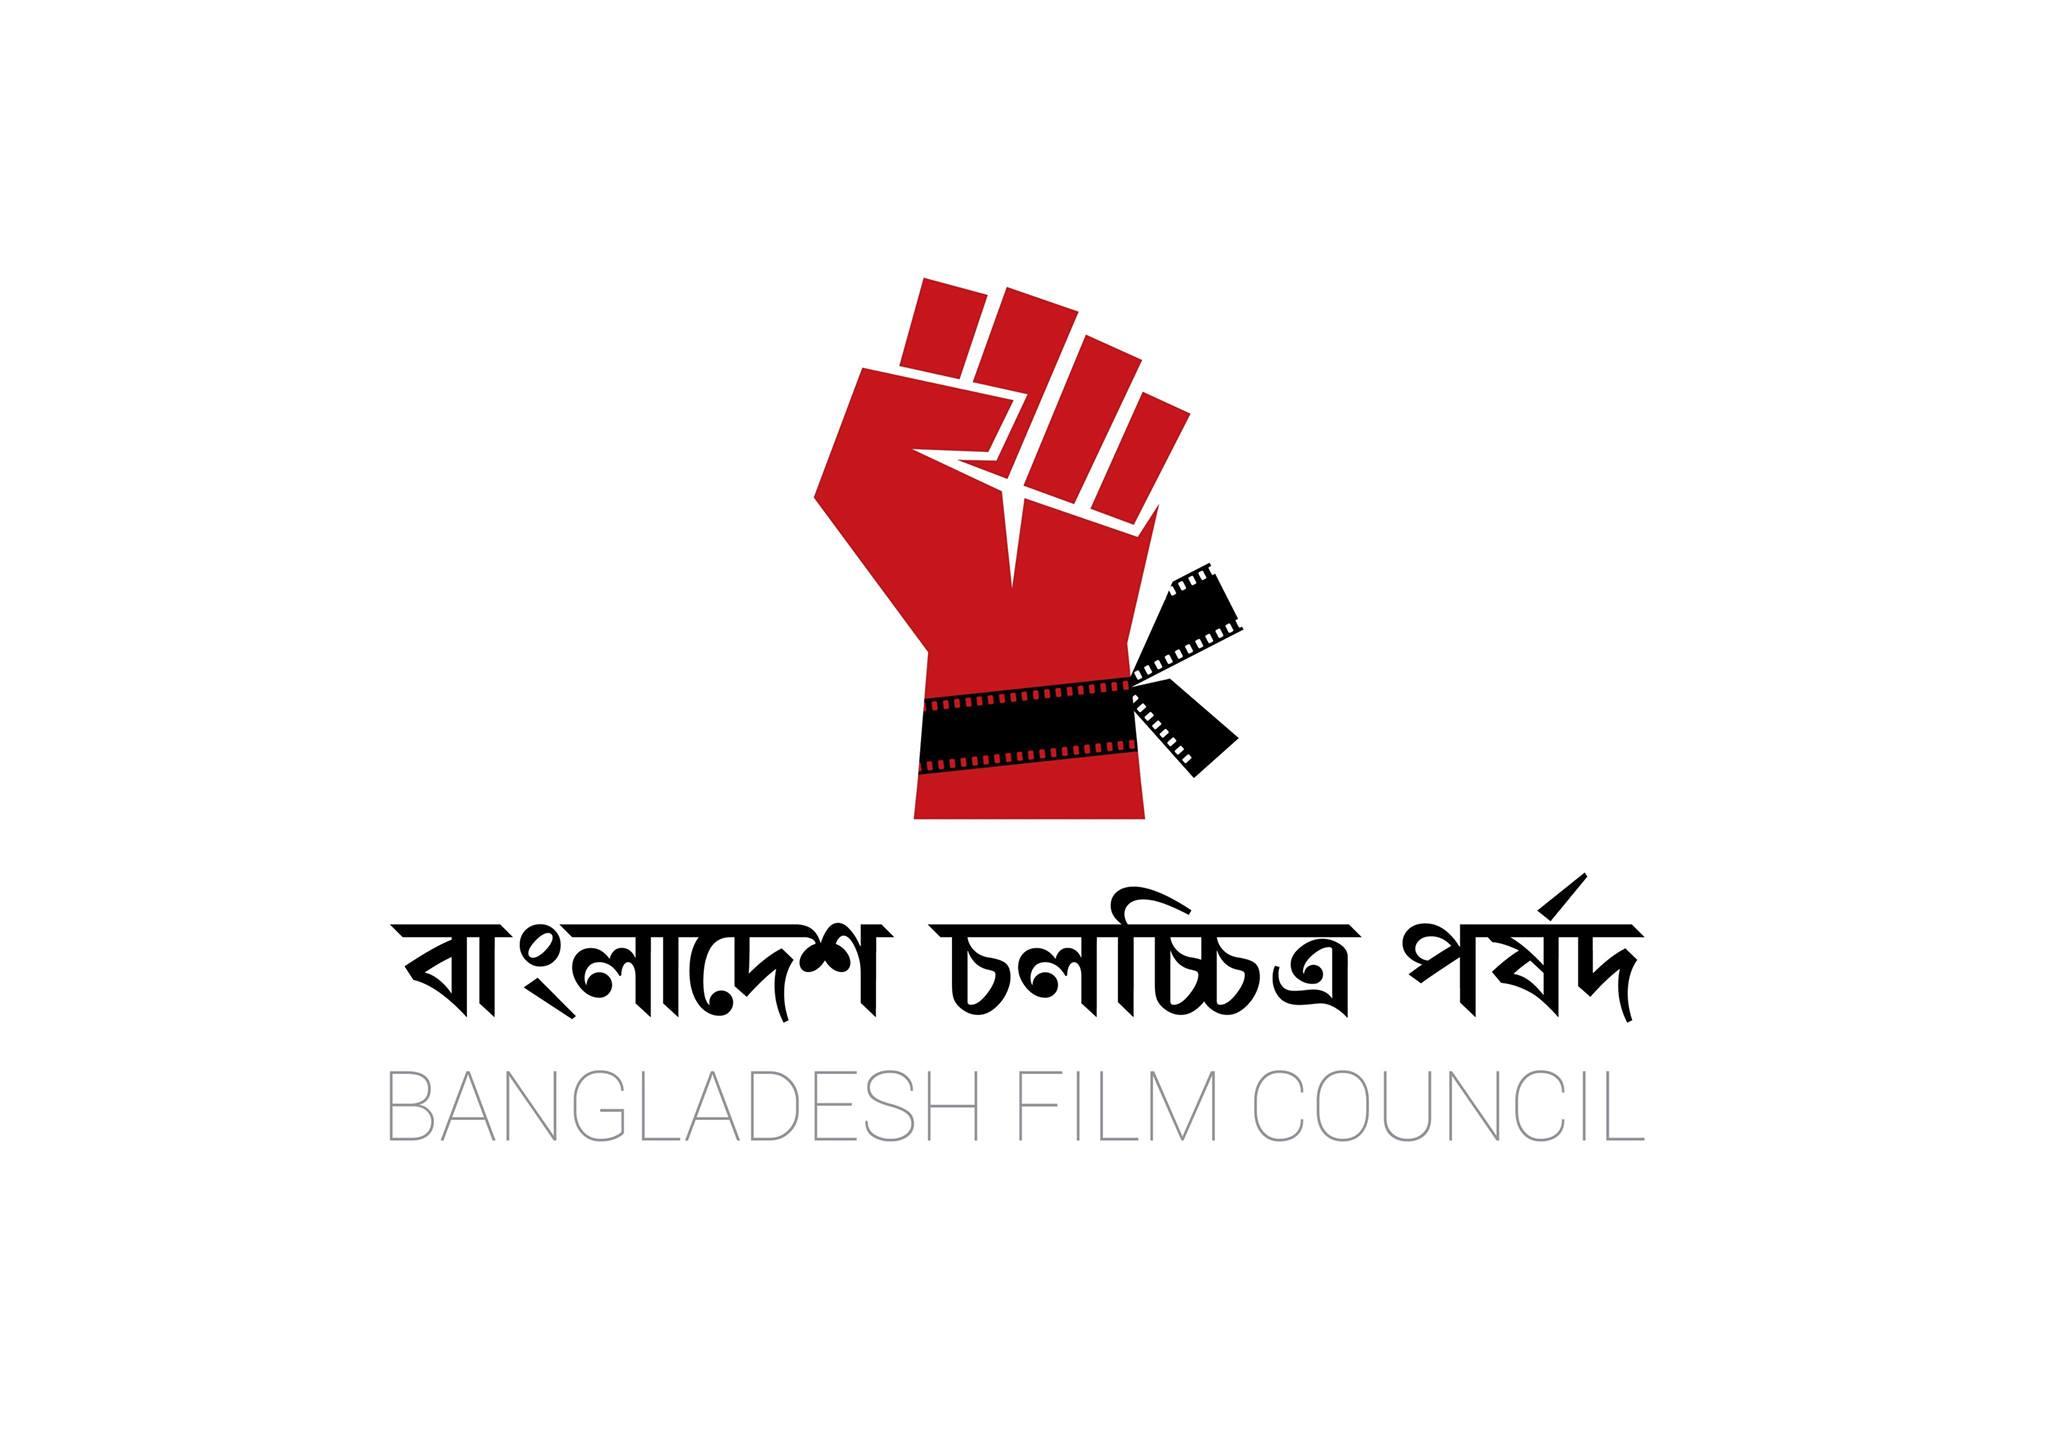 বাংলাদেশ চলচ্চিত্র পর্ষদ-এর ২১ সদস্যবিশিষ্ট জাতীয় আহবায়ক কমিটি গঠন